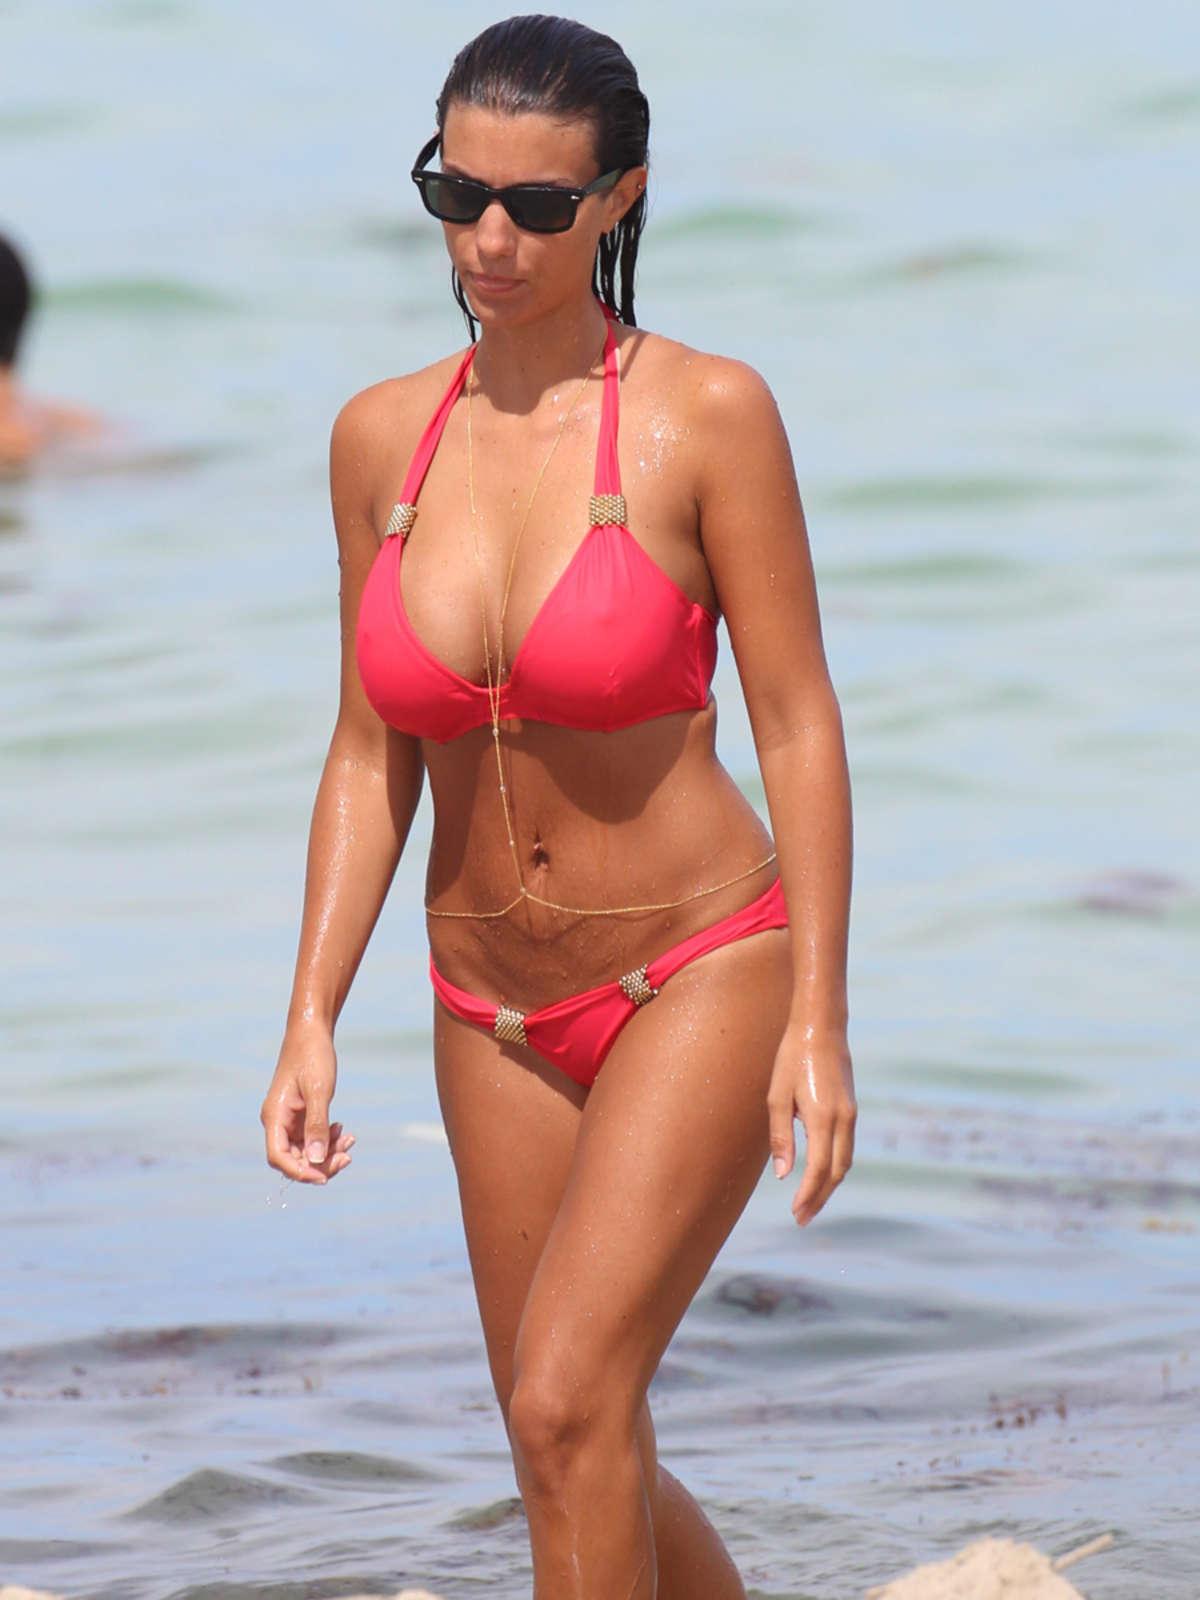 Leaked Ludivine Kadri Sagna nudes (16 photos), Tits, Cleavage, Feet, cleavage 2017